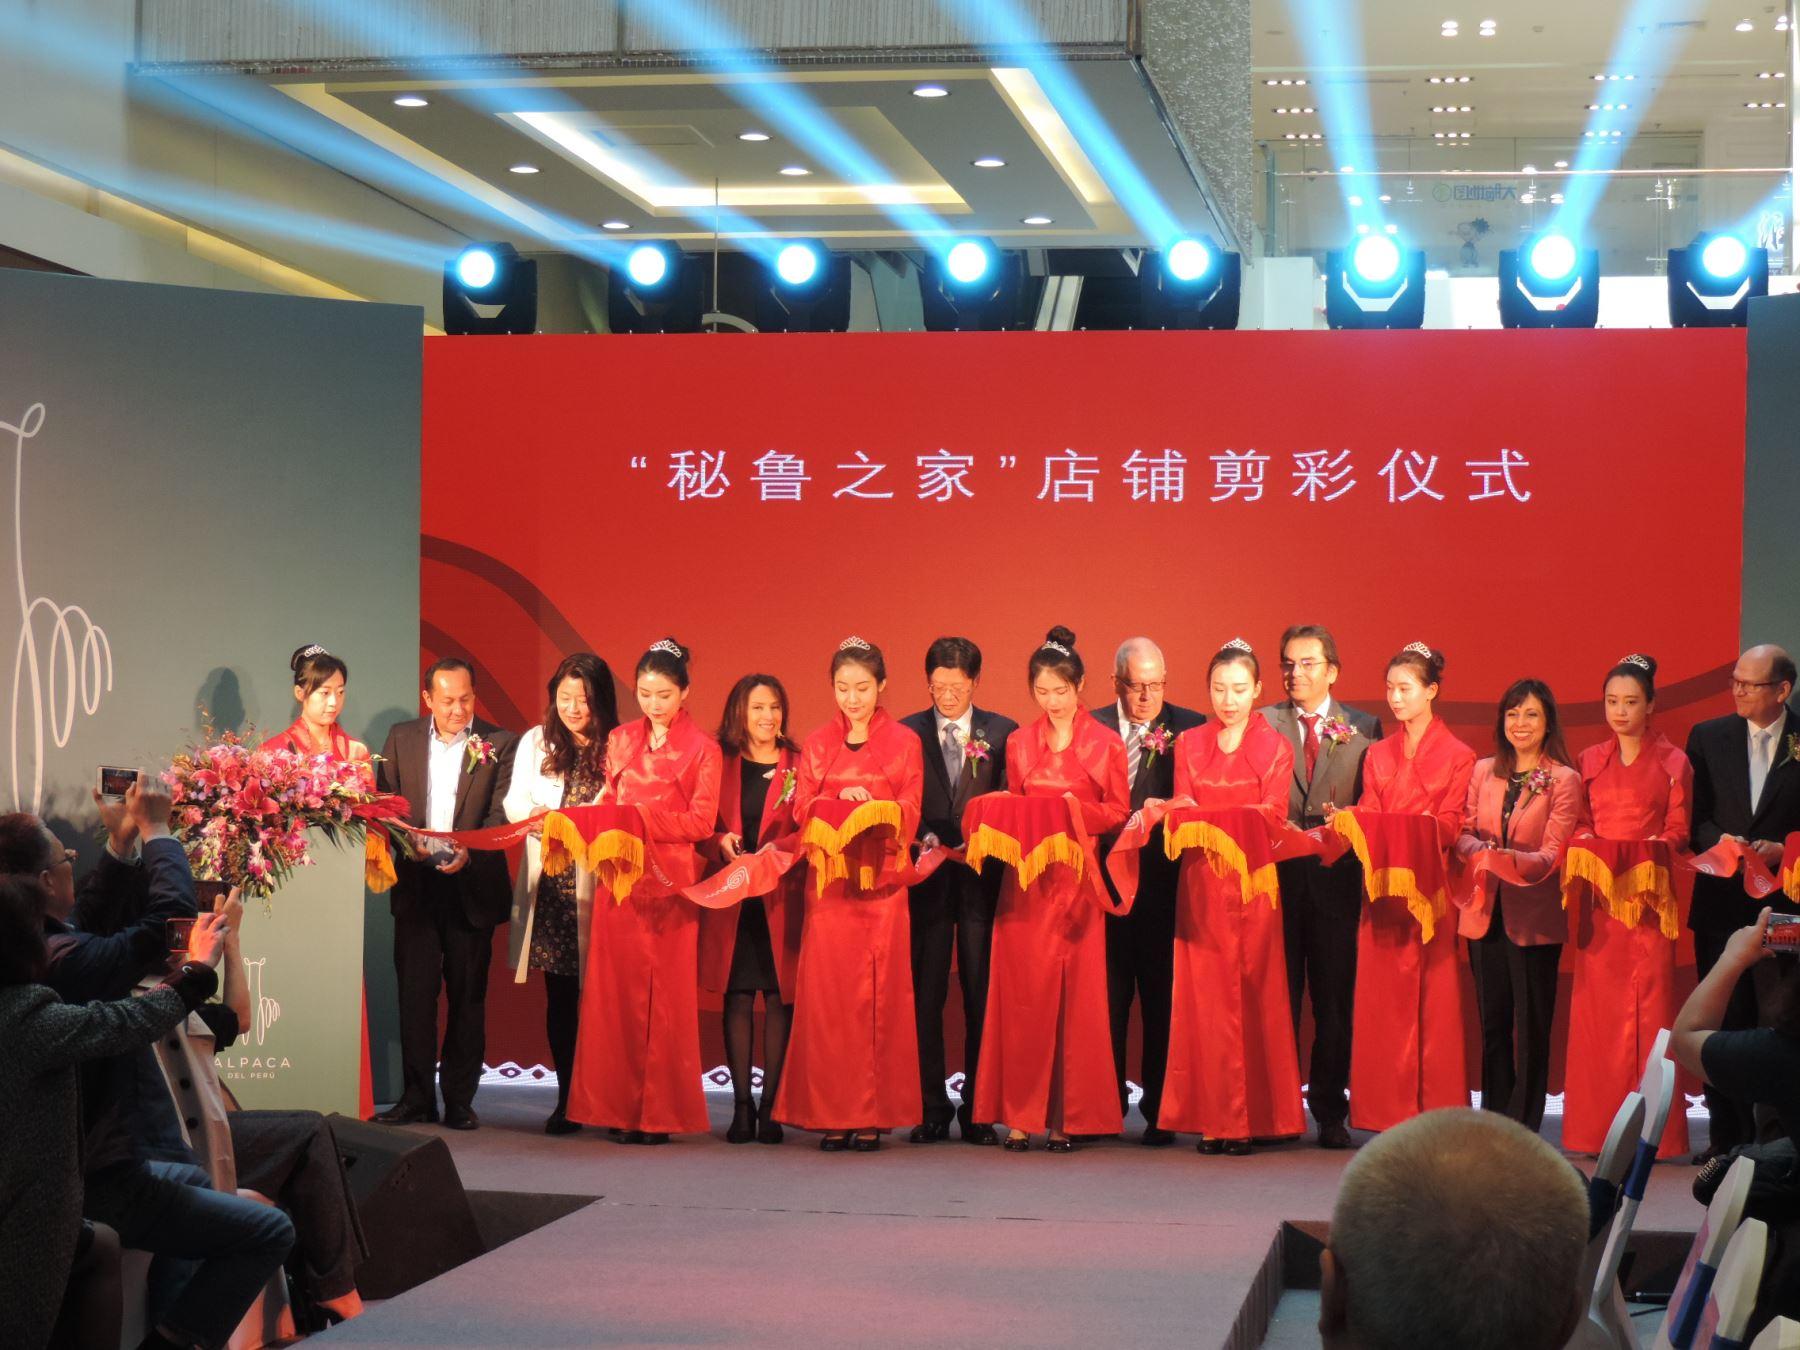 """Perú inauguró en Beijing su primera tienda multimarca: """"Tienda Casa Perú"""", a fin de promocionar superalimentos peruanos, prendas de alpaca, joyería, entre otros productos en el gigante asiático. Foto: ANDINA/Mincetur"""